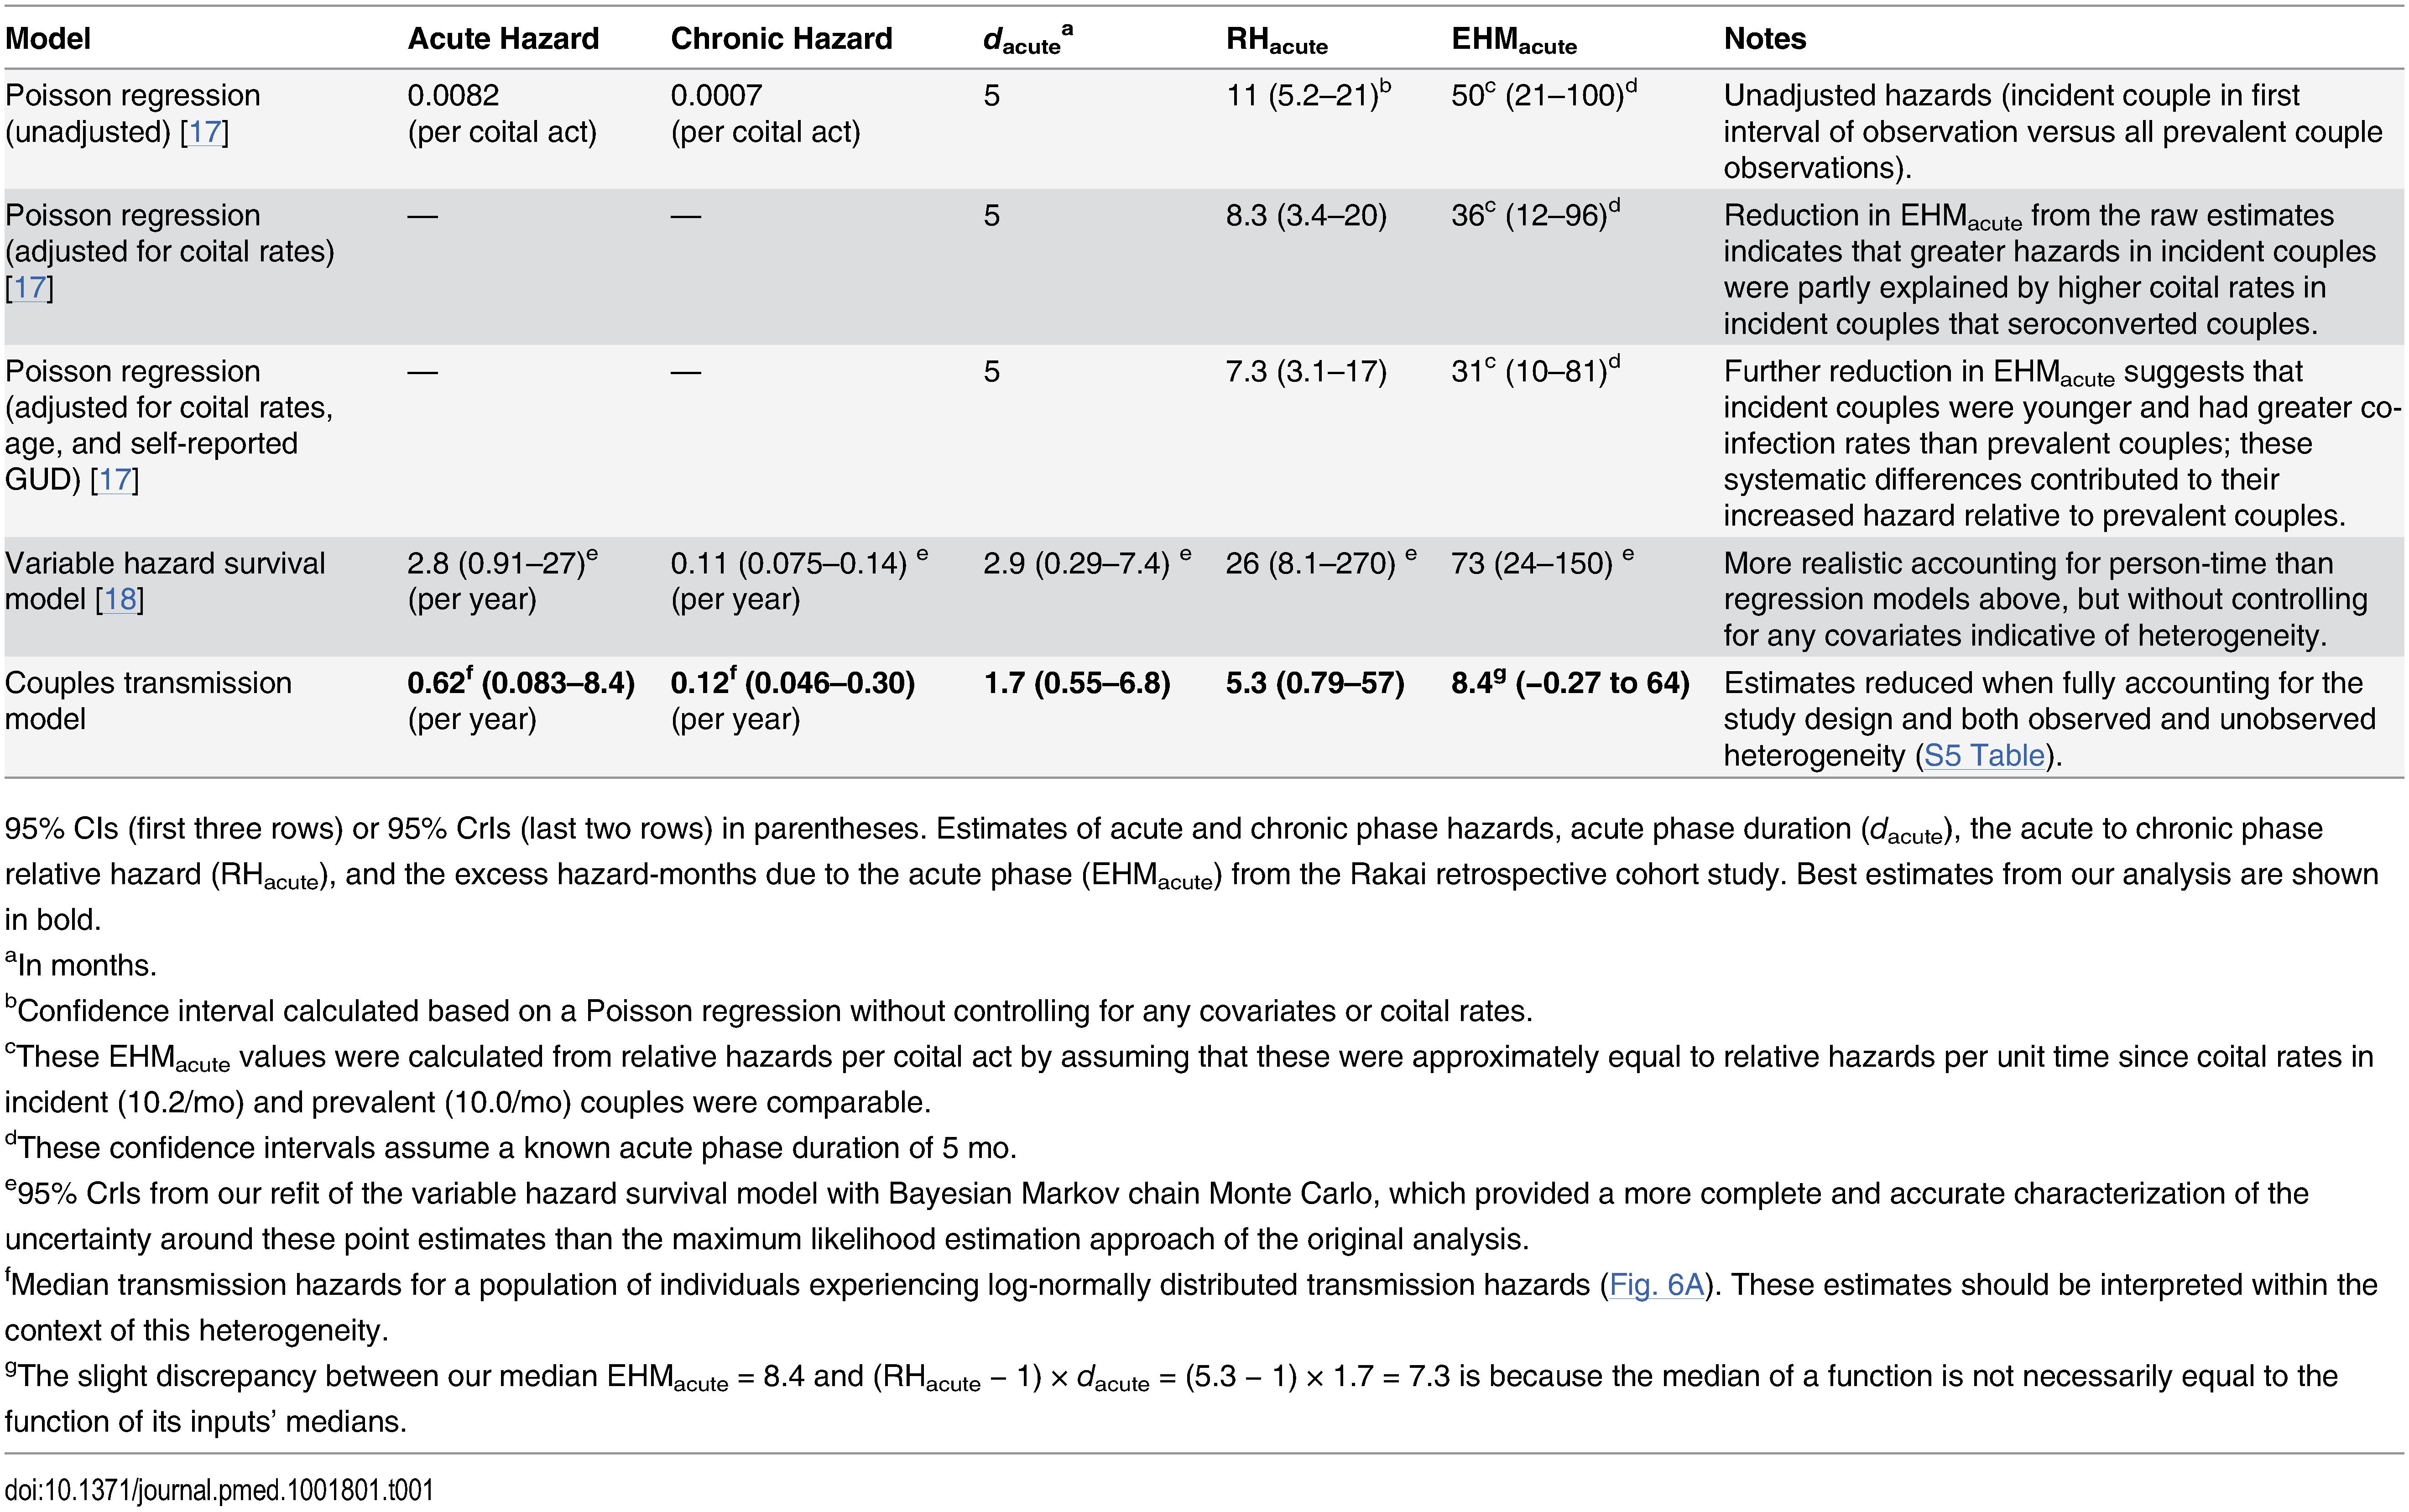 Acute phase infectivity estimates from Rakai cohort data.